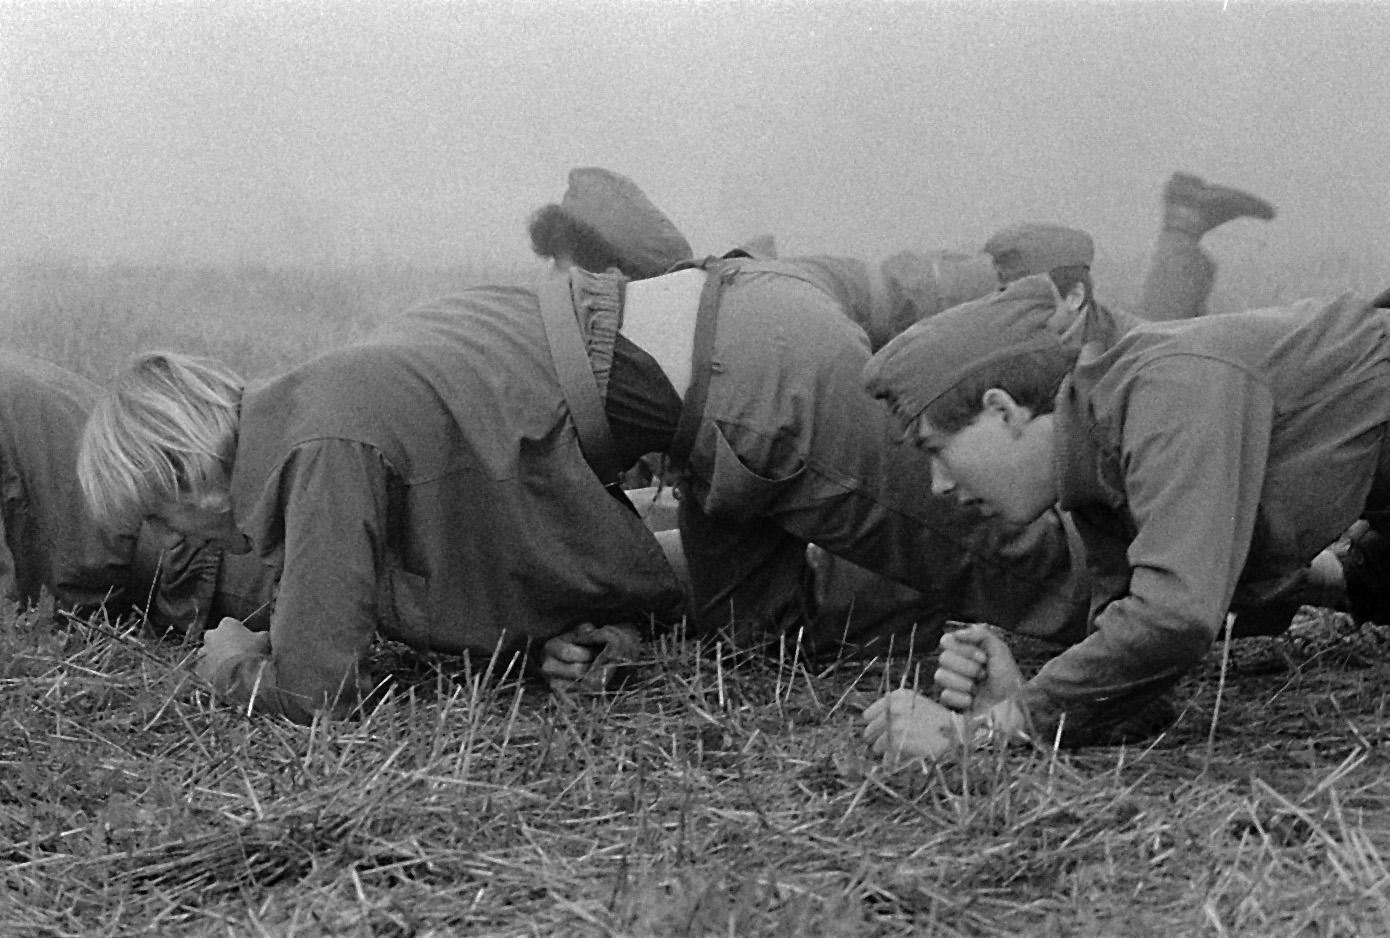 Vormilitärische Ausbildung in der DDR 1984